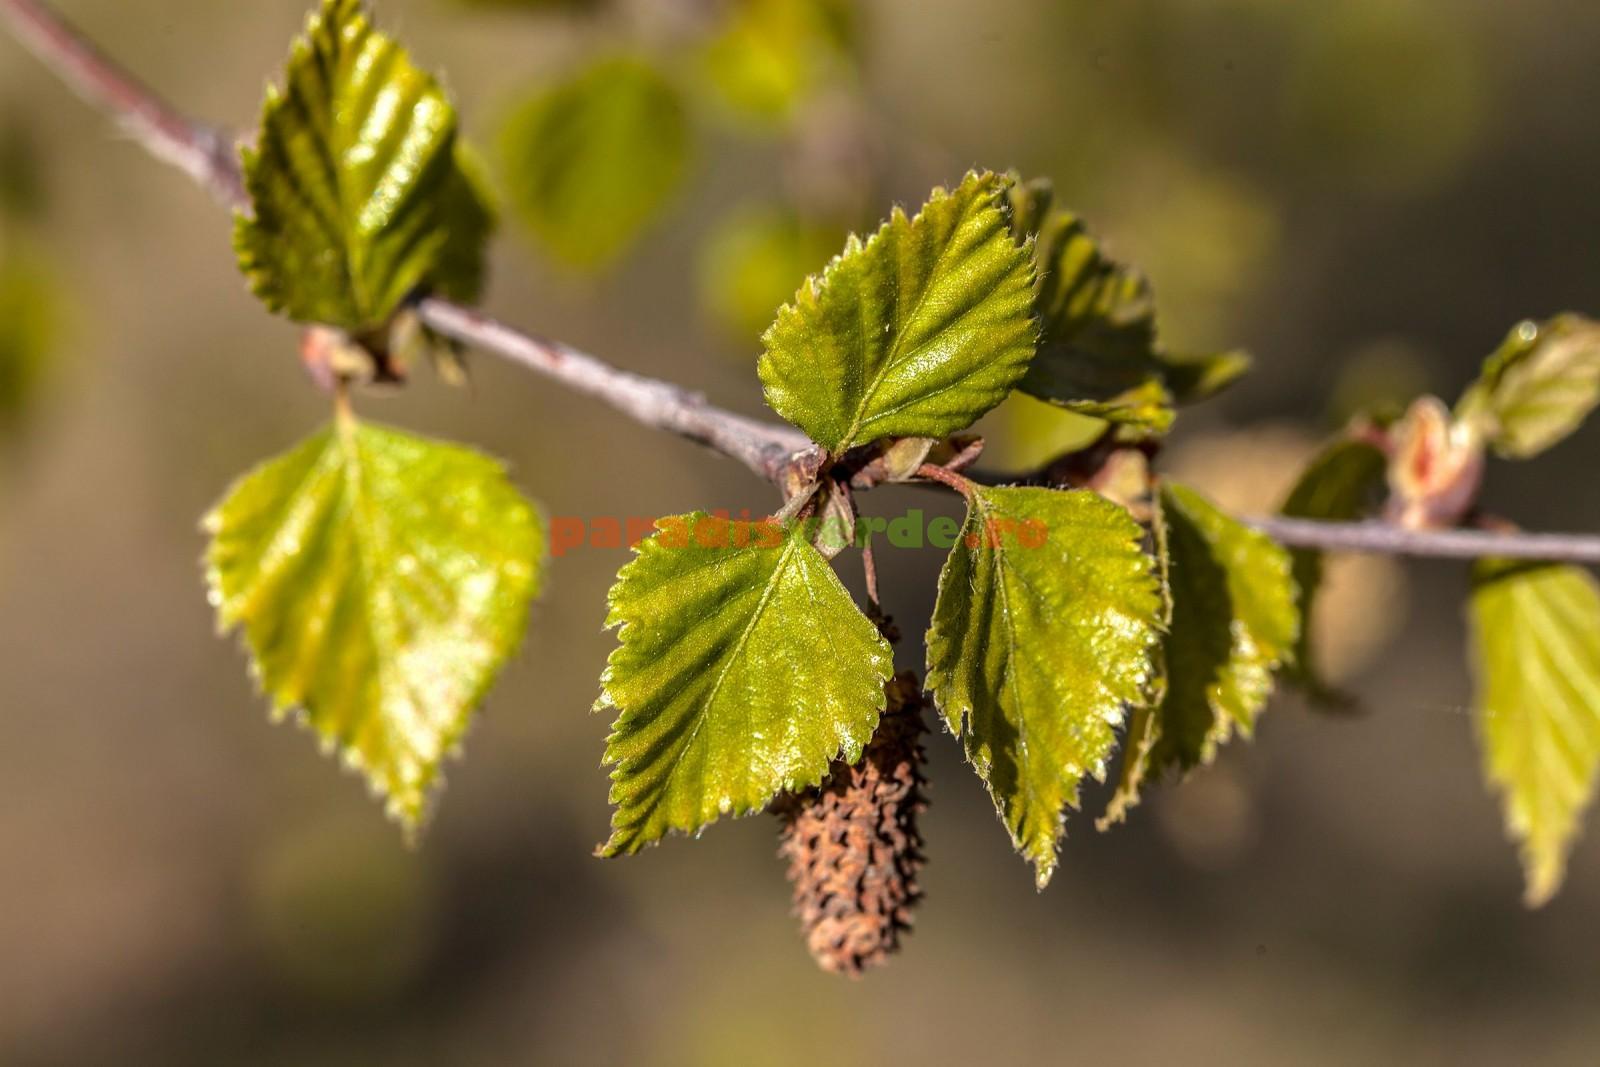 Tratamentul articulațiilor cu frunze uscate de mesteacăn